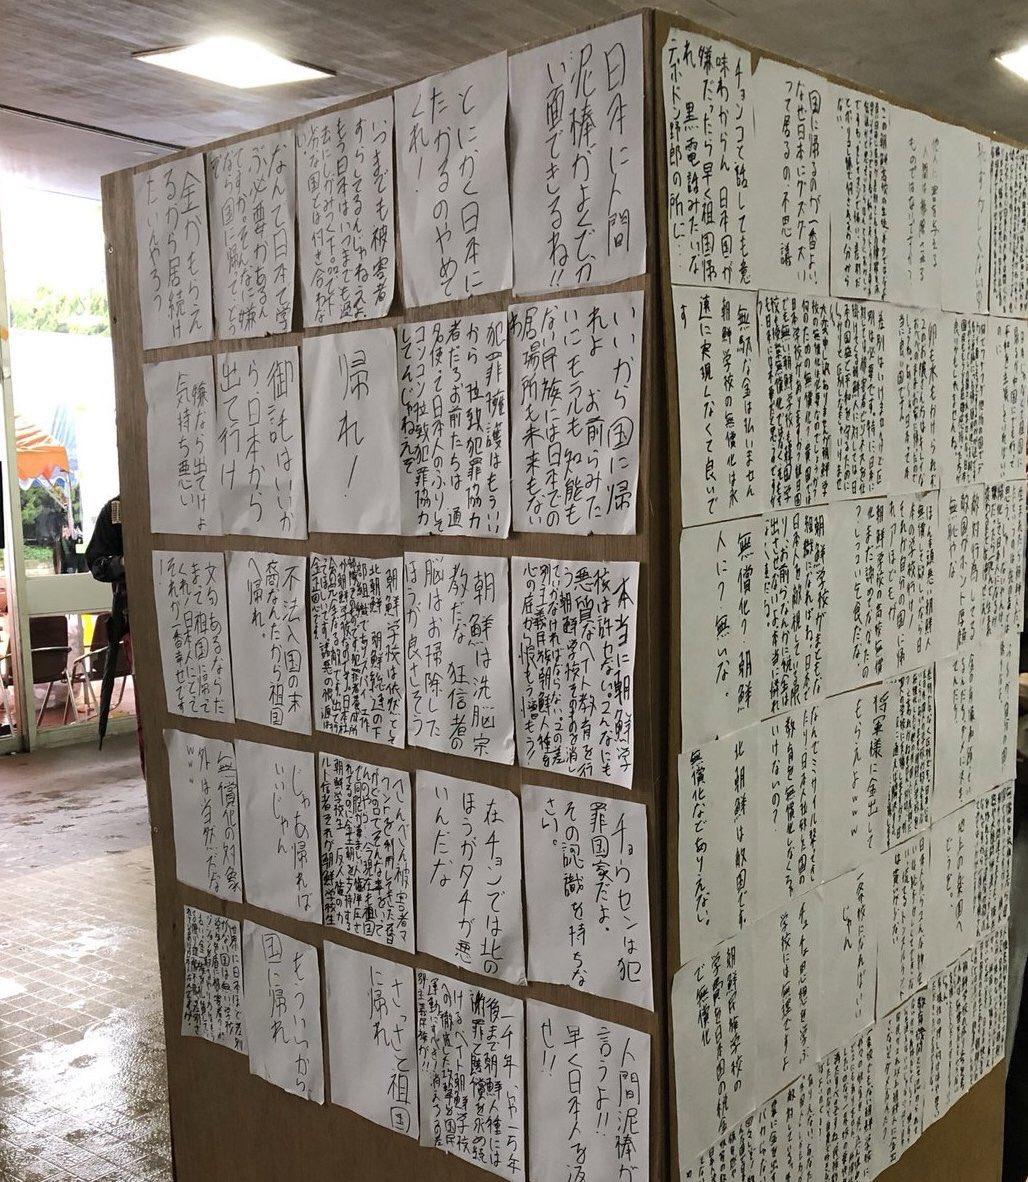 朝鮮高校 自演乙 美術部 ひどいヘイトコメント ハングルに関連した画像-06